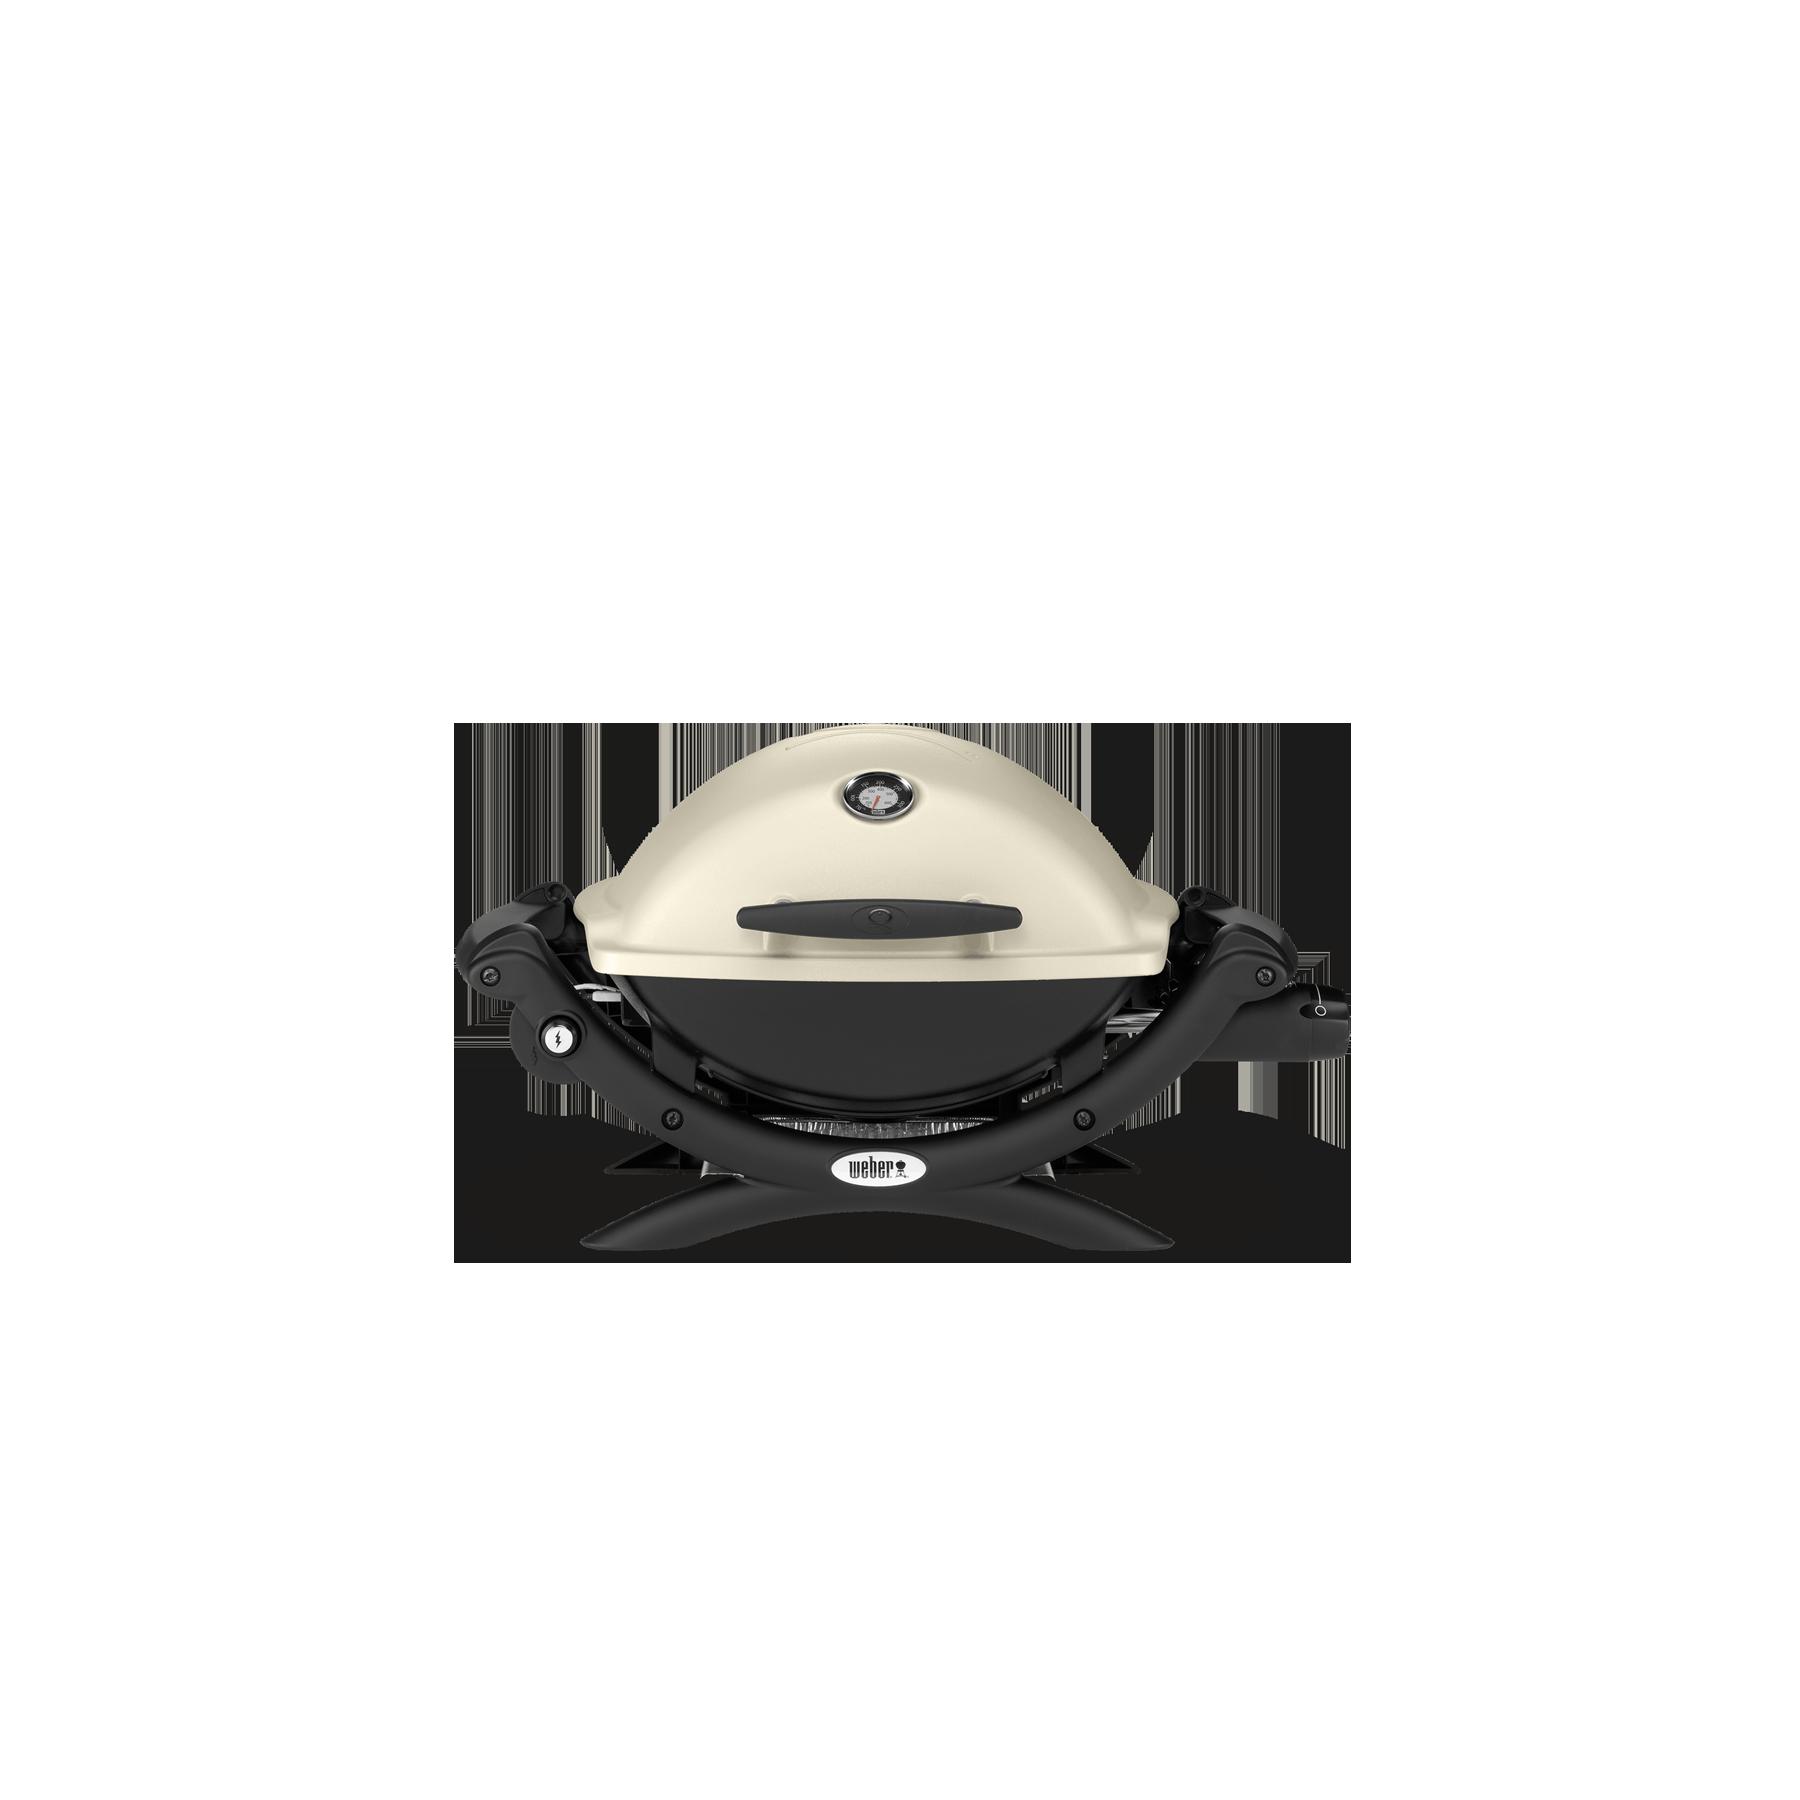 WEBER Q 1200 燃气烤炉